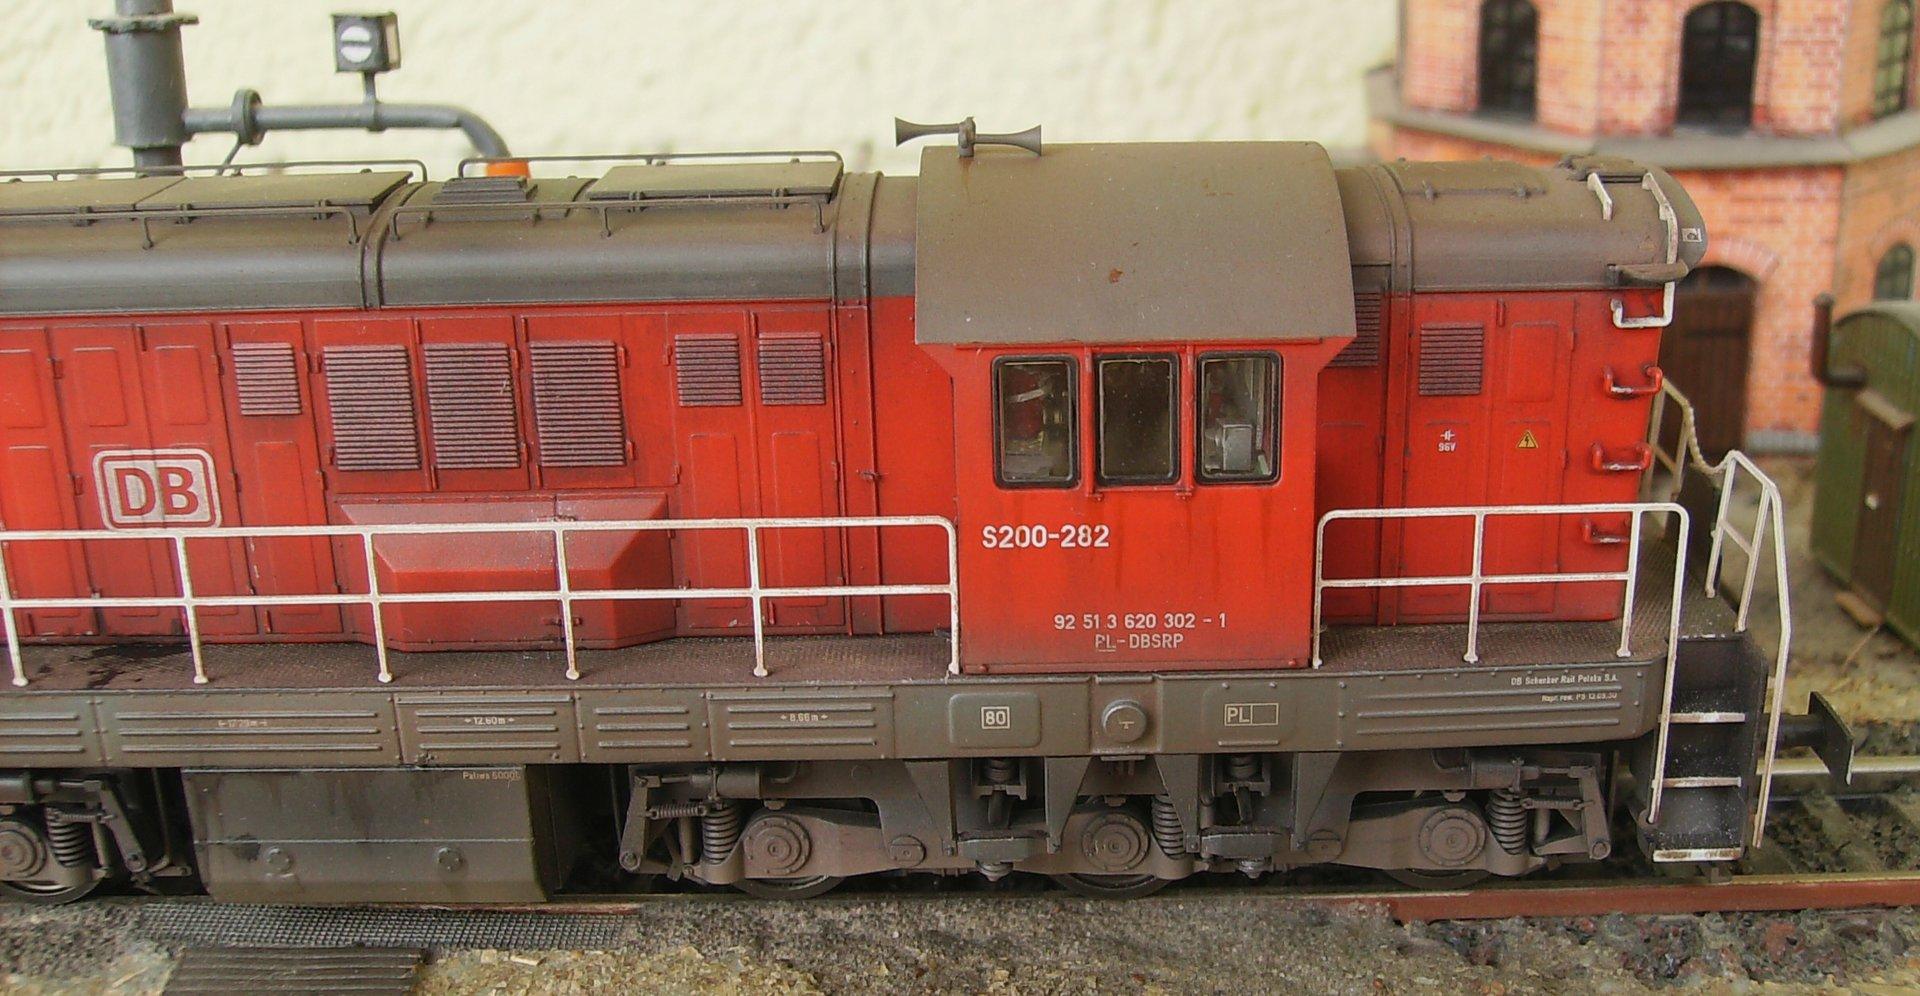 HPIM9530.JPG